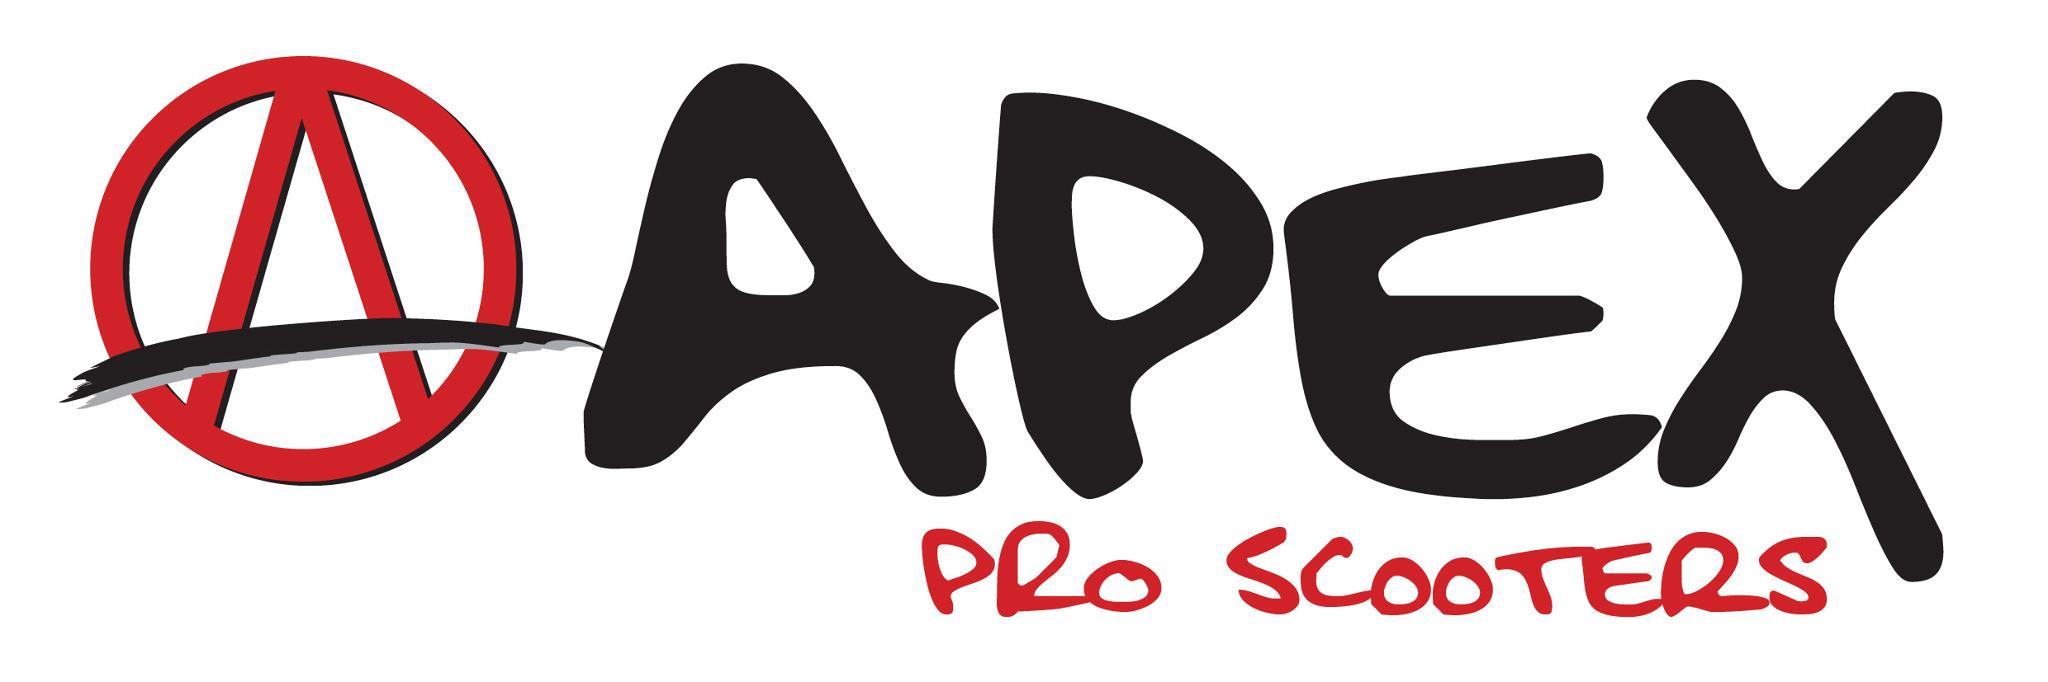 SCS Apex pro freestyle koloběžky